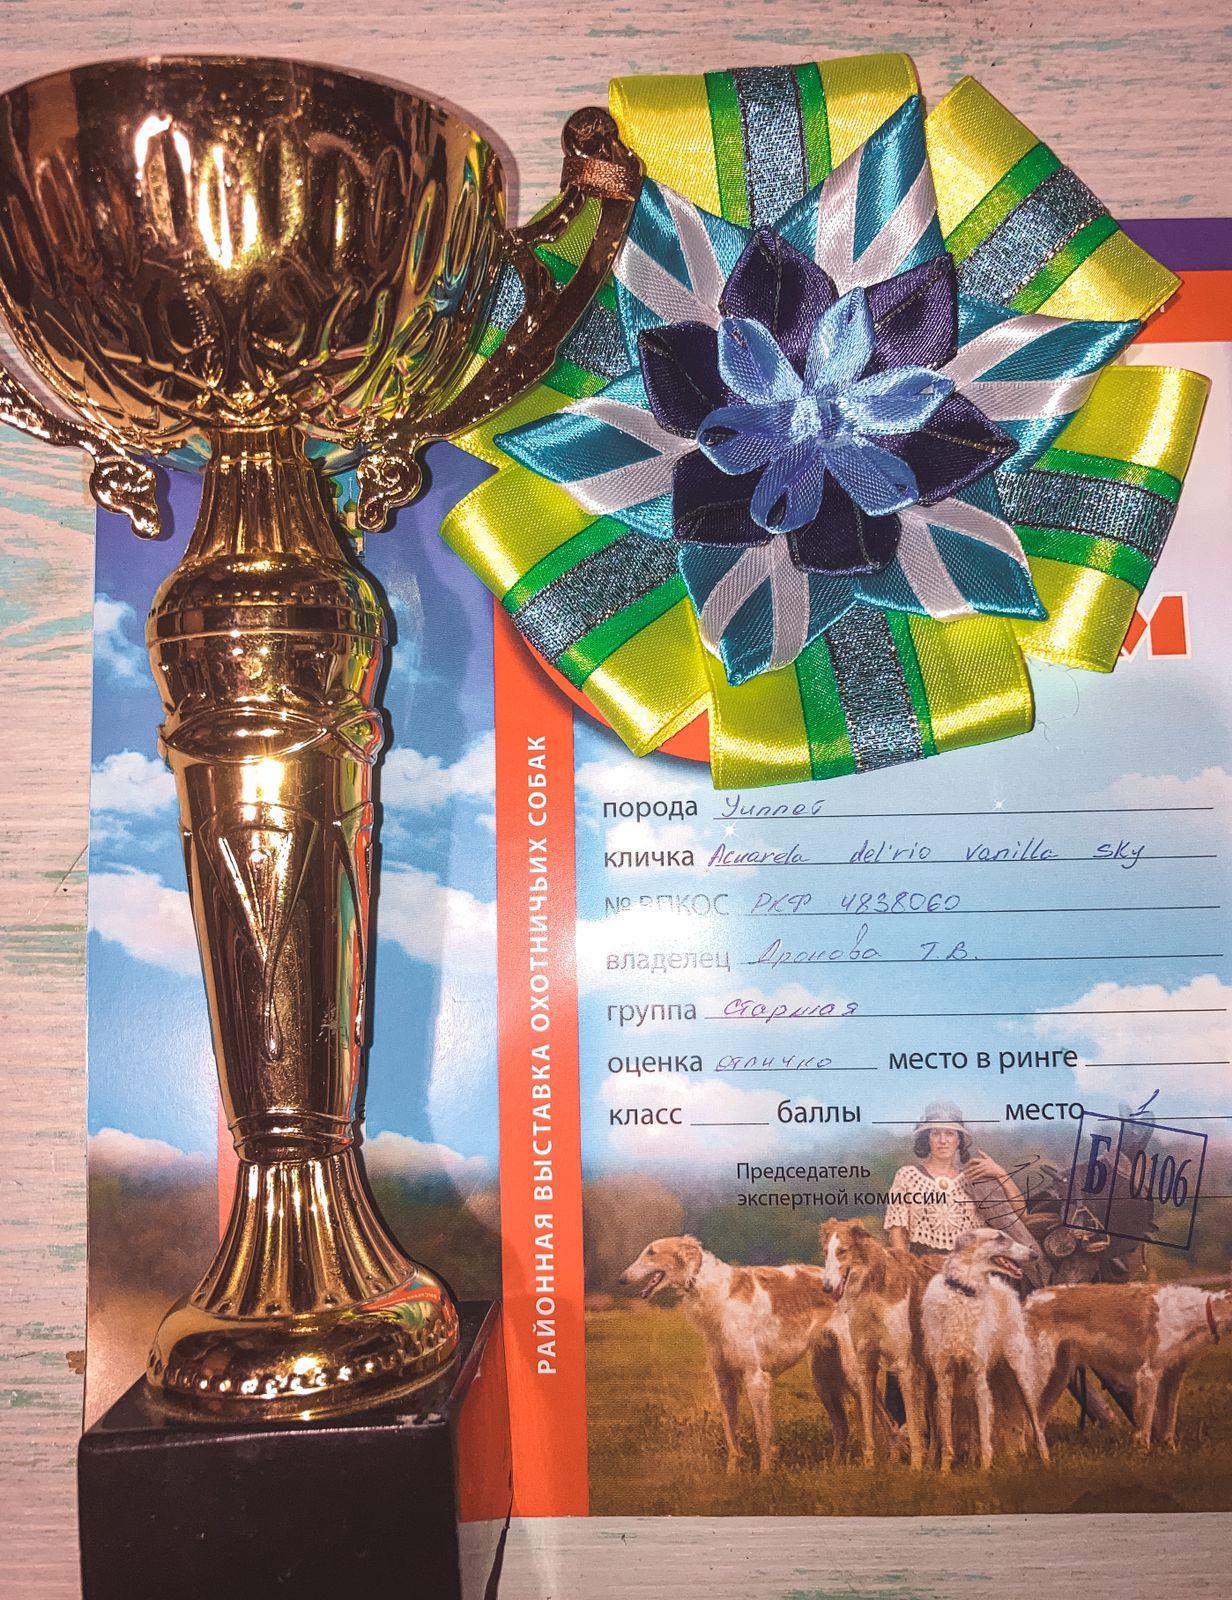 11.09.2021г. 5-я Углическая выставка охотничьих собак.